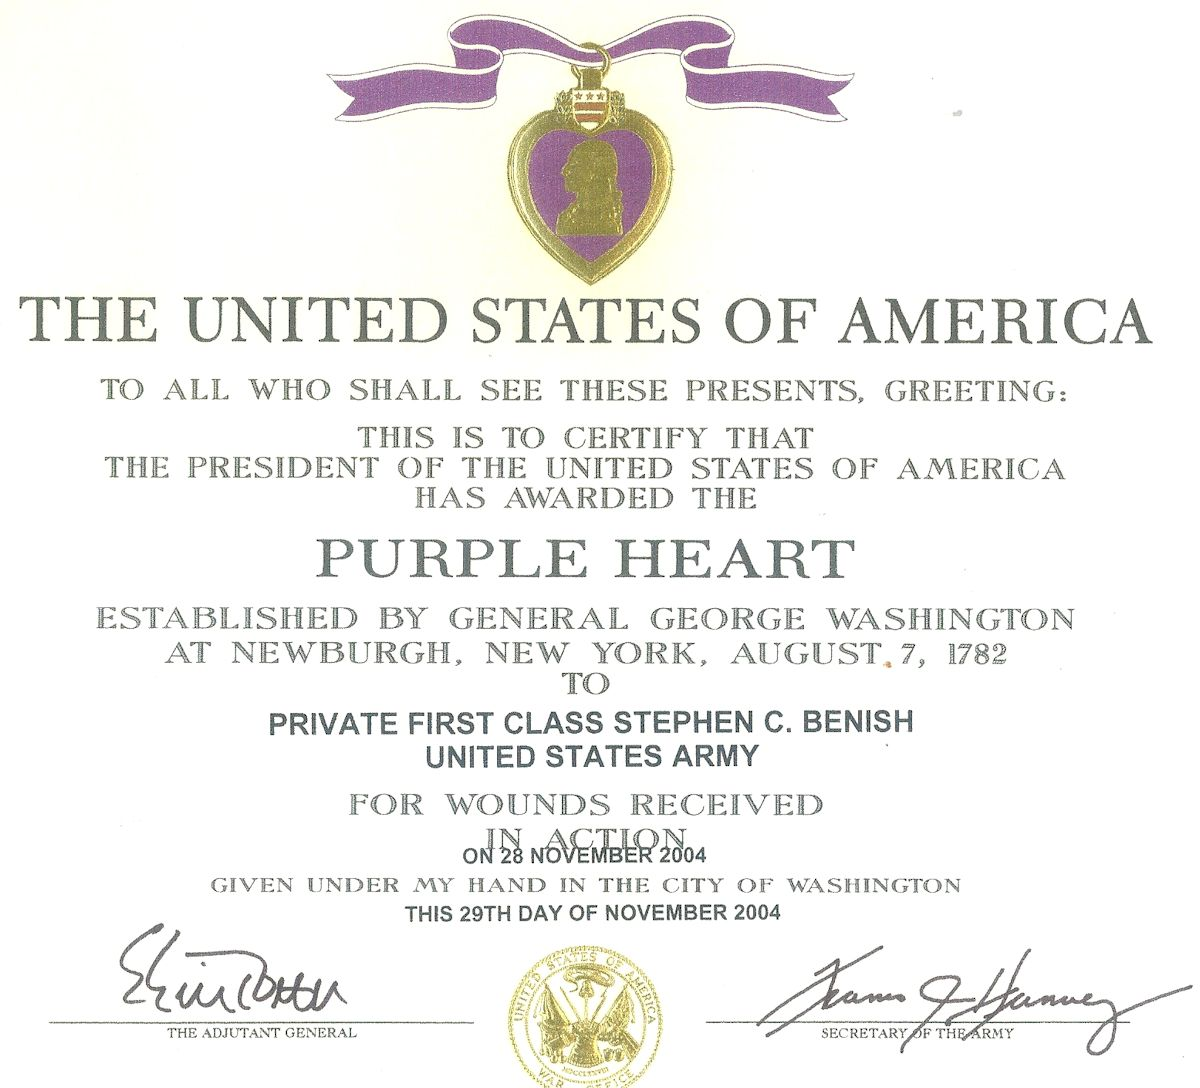 fa45de5725e366b9fdbe_benish_purple_hearts.jpg